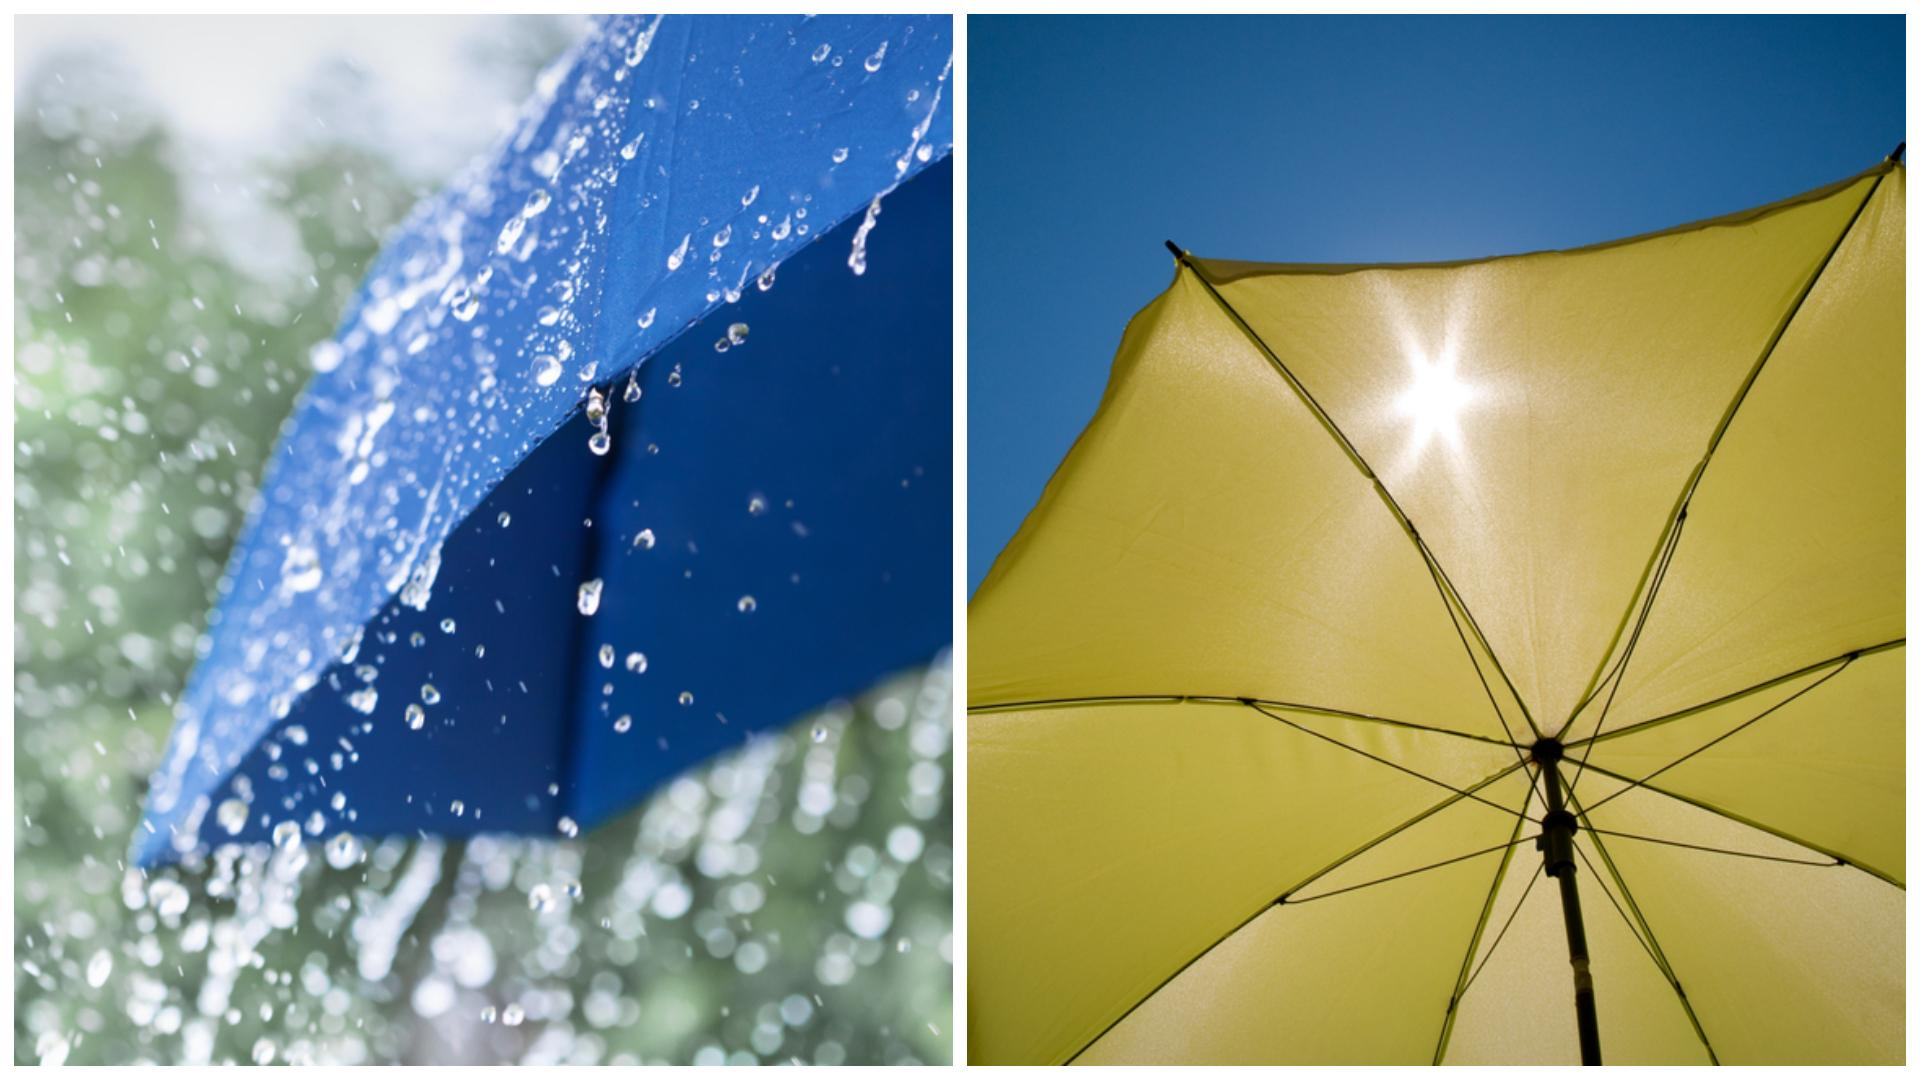 Prognoza meteo până pe 22 august. Când încep să scadă temperaturile. Anunțul meteorologilor